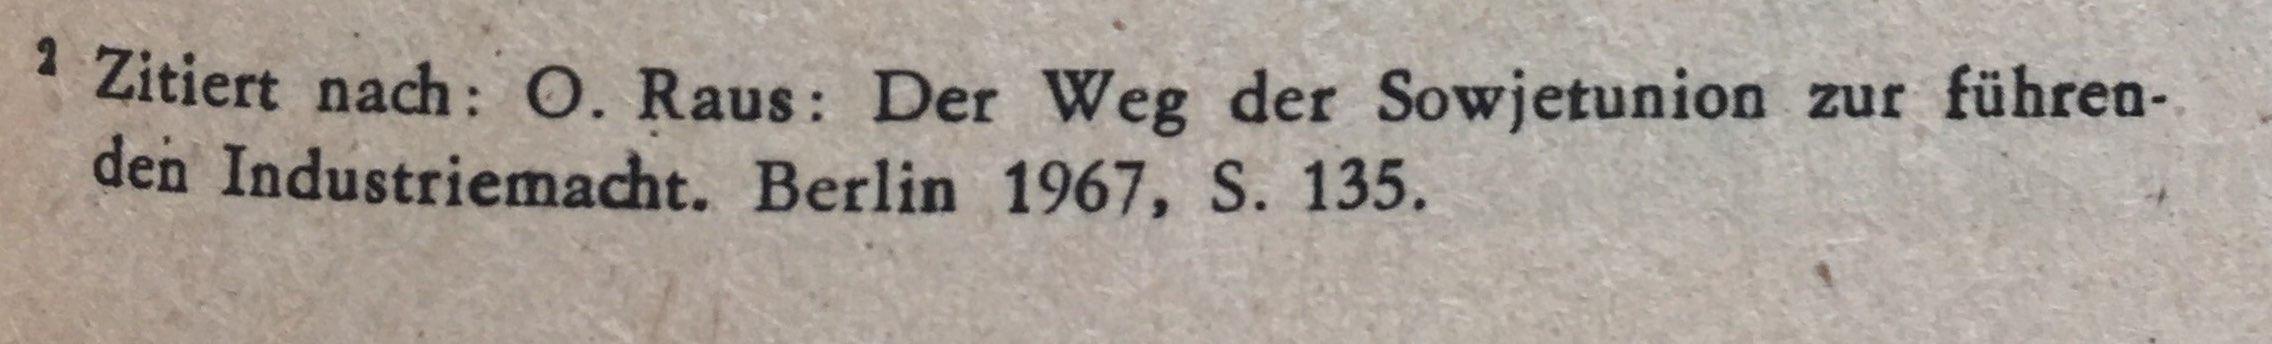 Quelle aus Buch von Wells